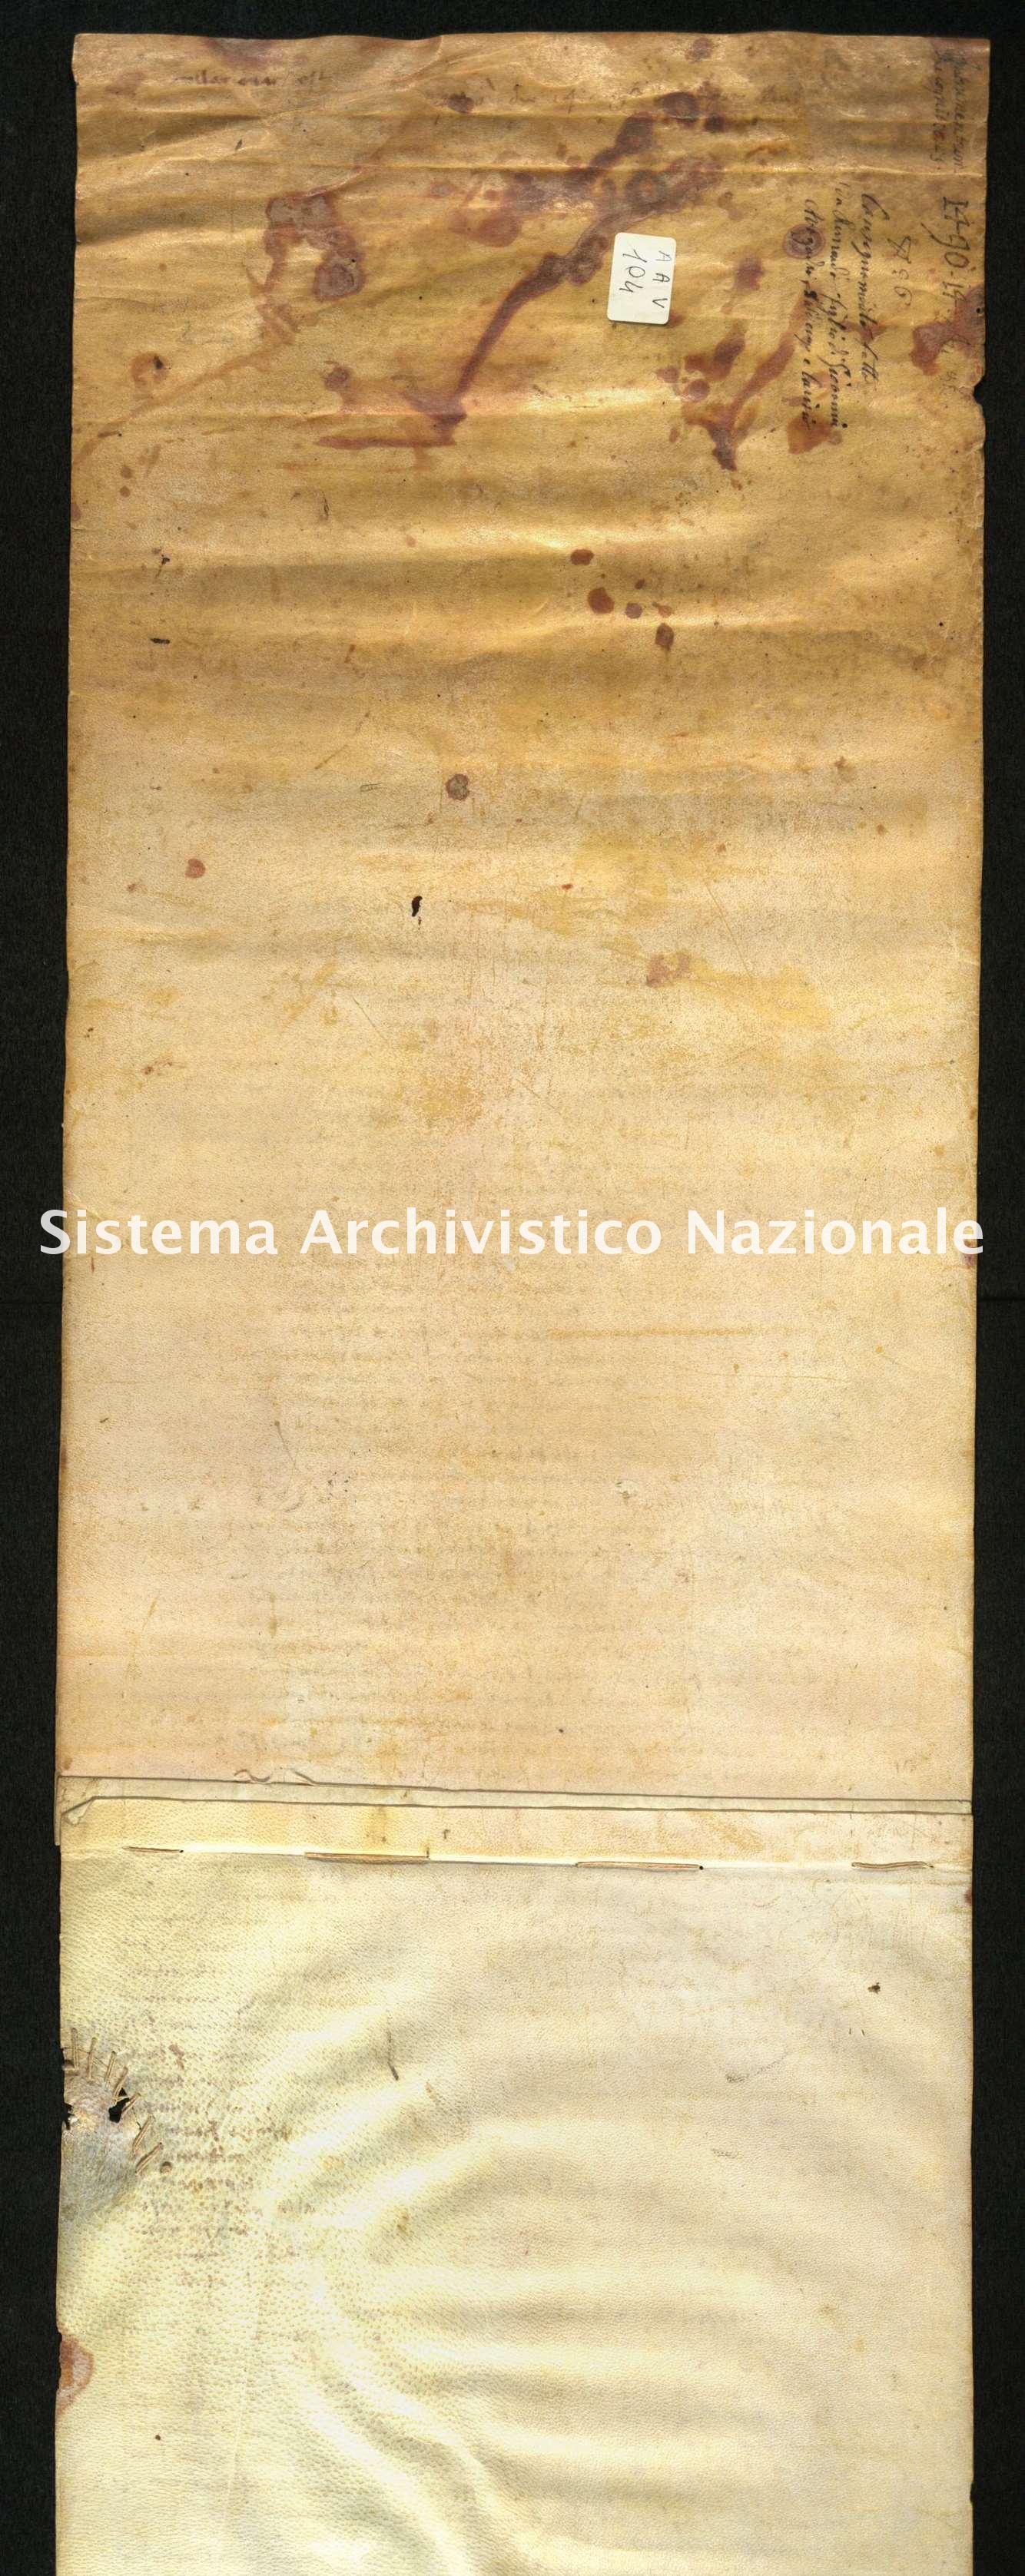 Archivio di Stato di Biella, Avogadro di Valdengo, Pergamene I, Sant'Agata 14 agosto 1490